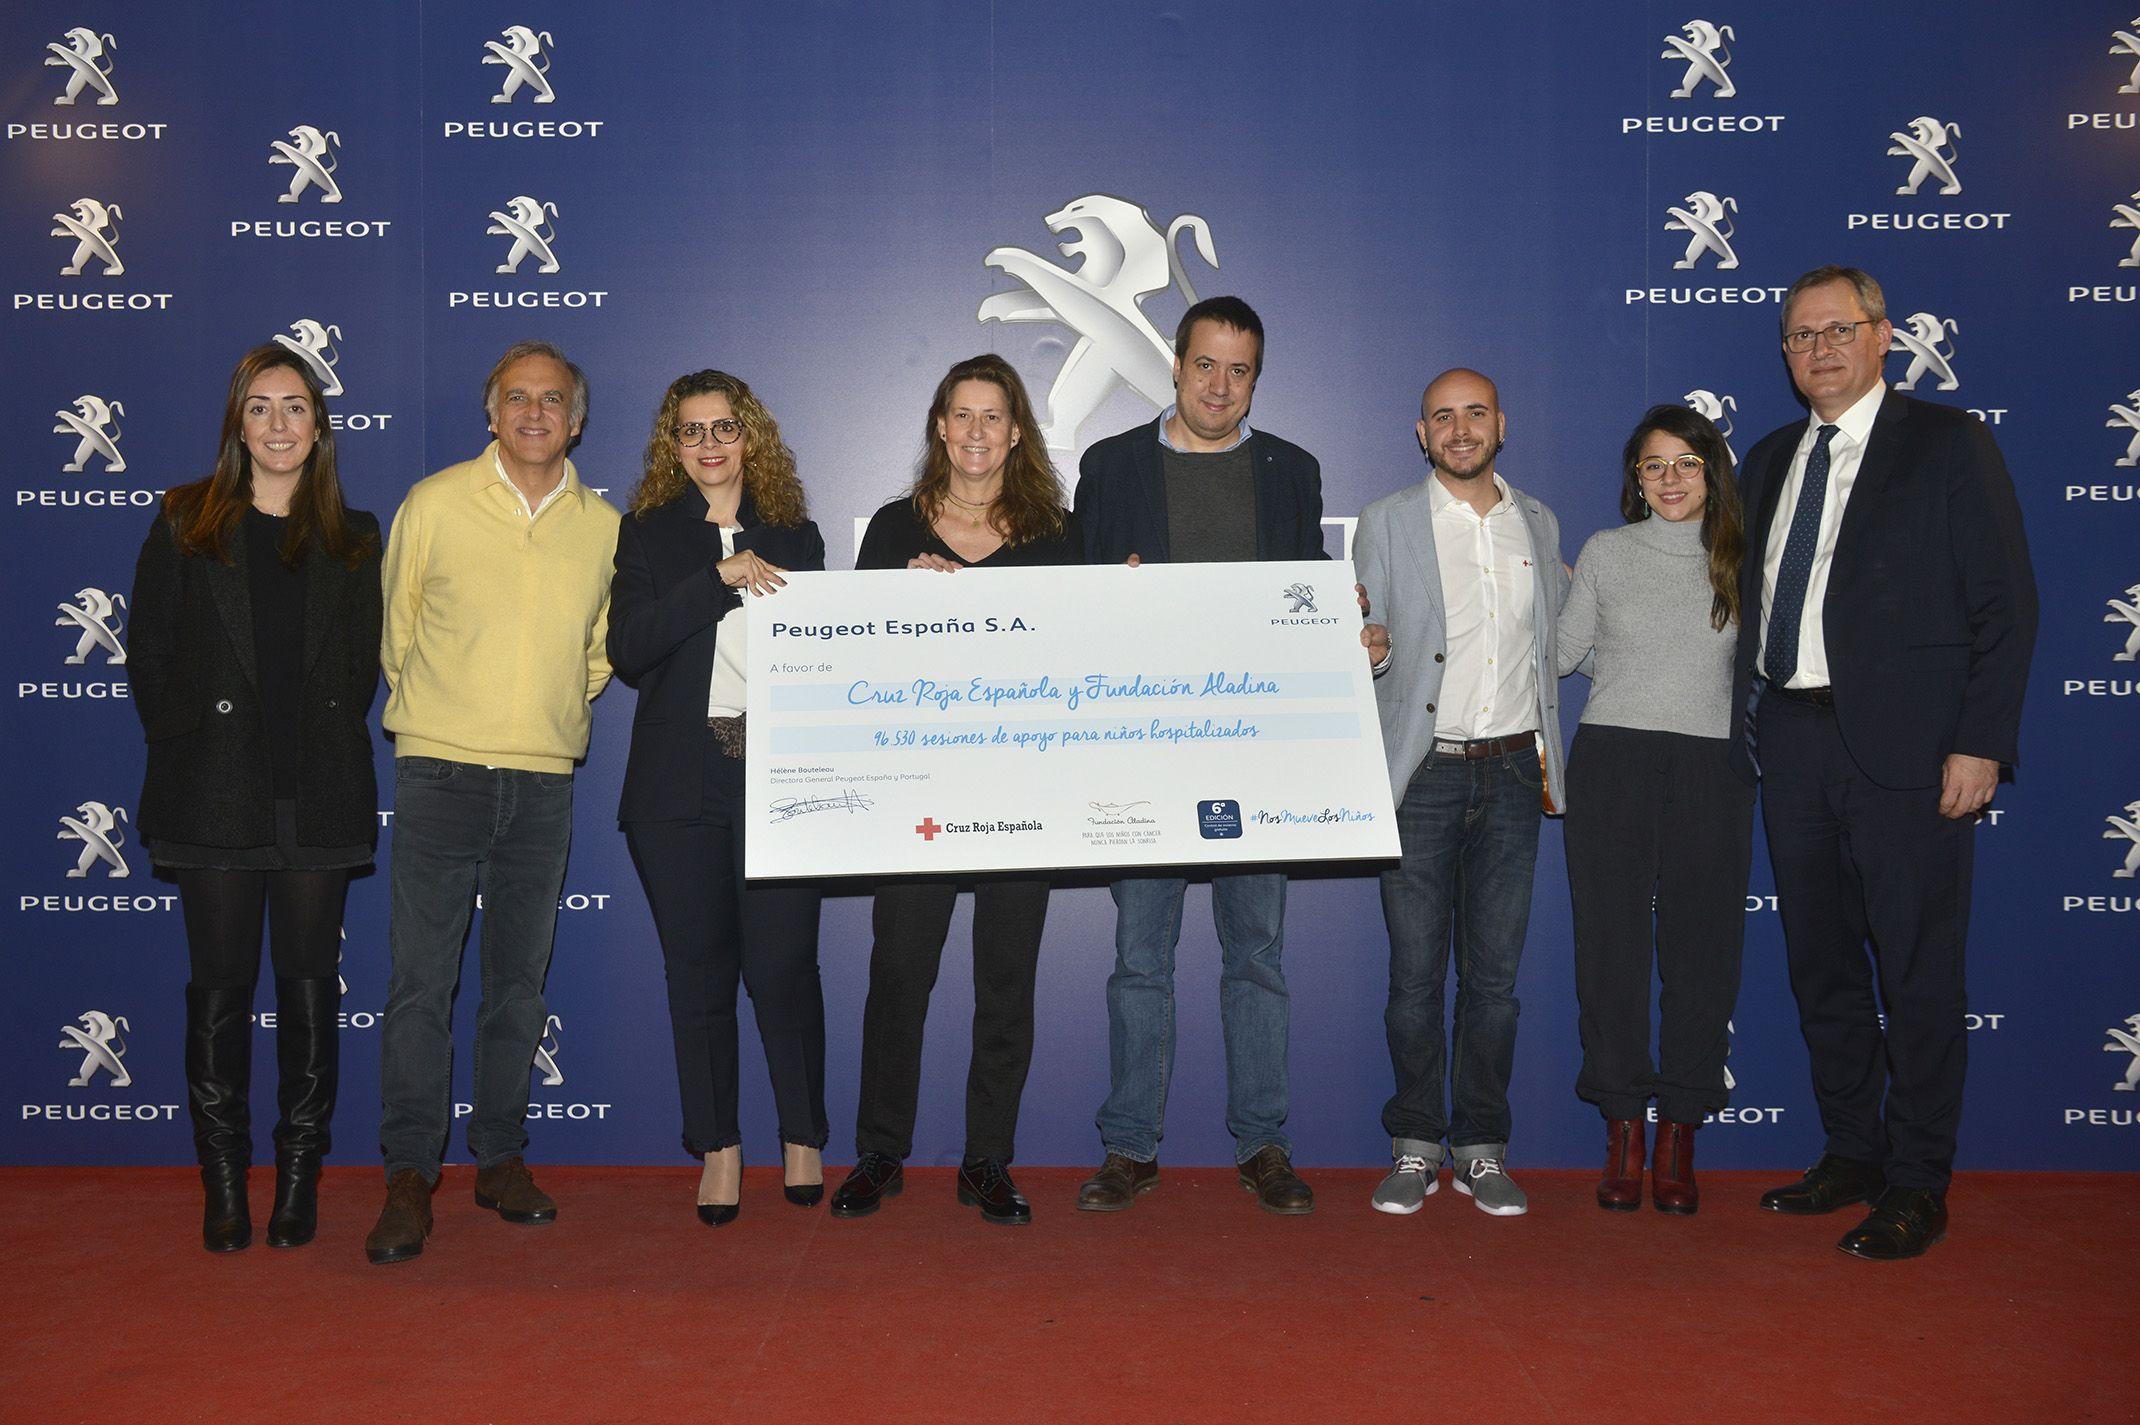 Las Revisiones Solidarias Peugeot recaudan 96.530 sesiones de apoyo para niños hospitalizados